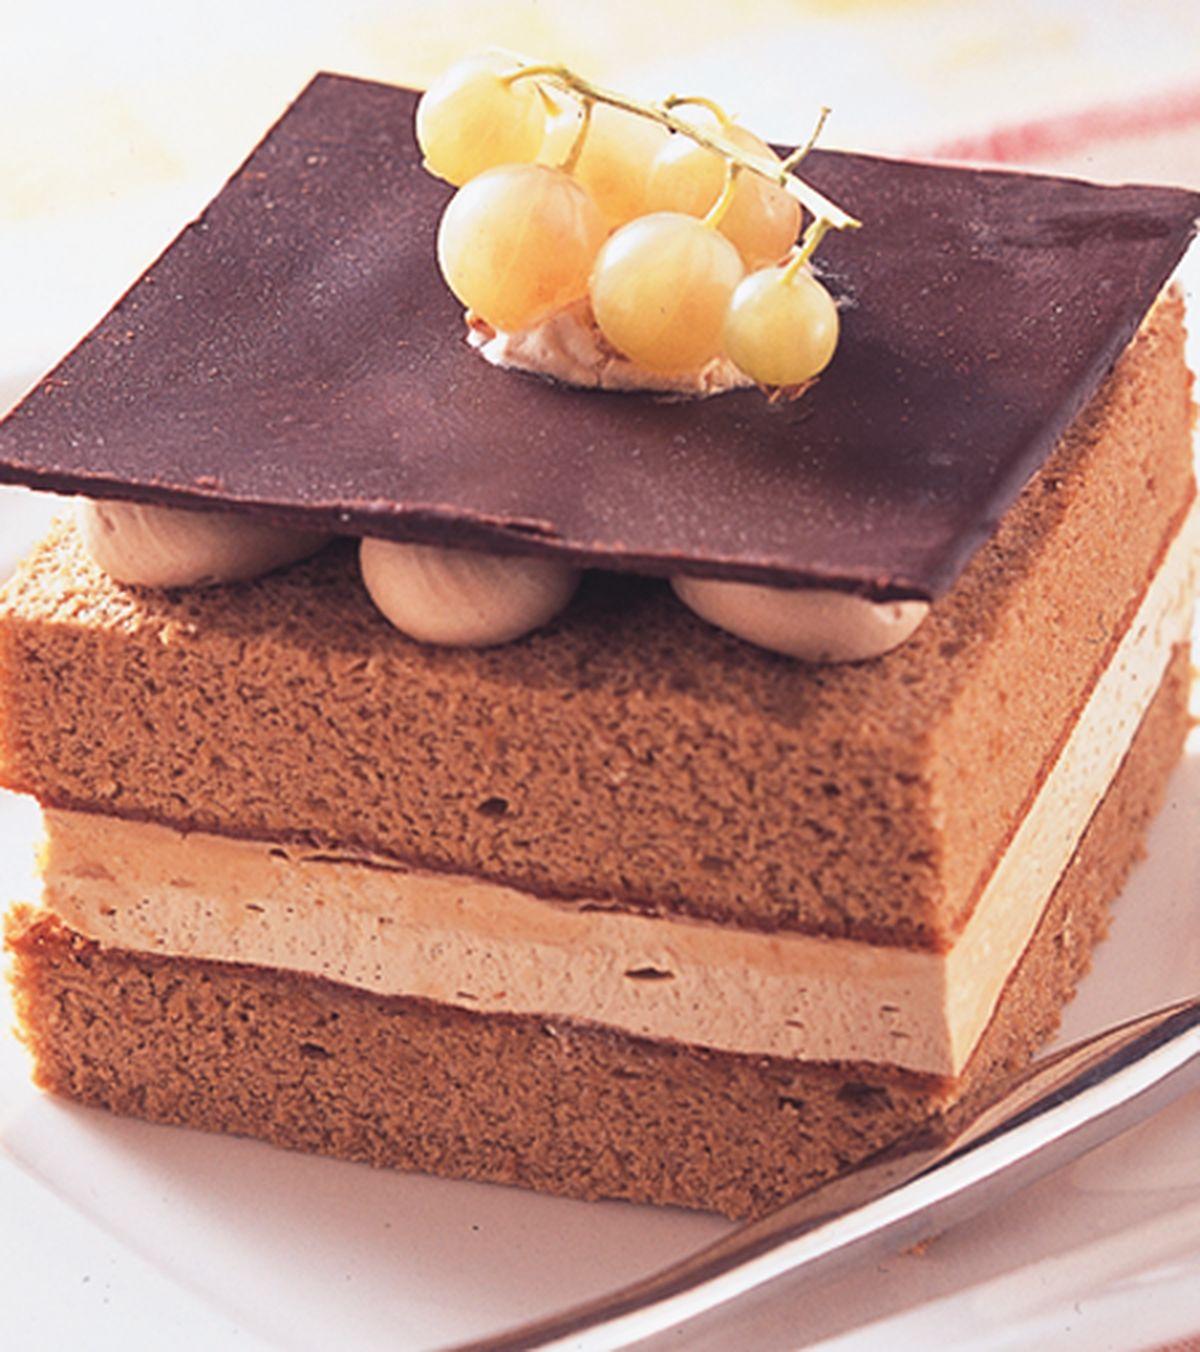 食譜:咖啡風情戚風蛋糕